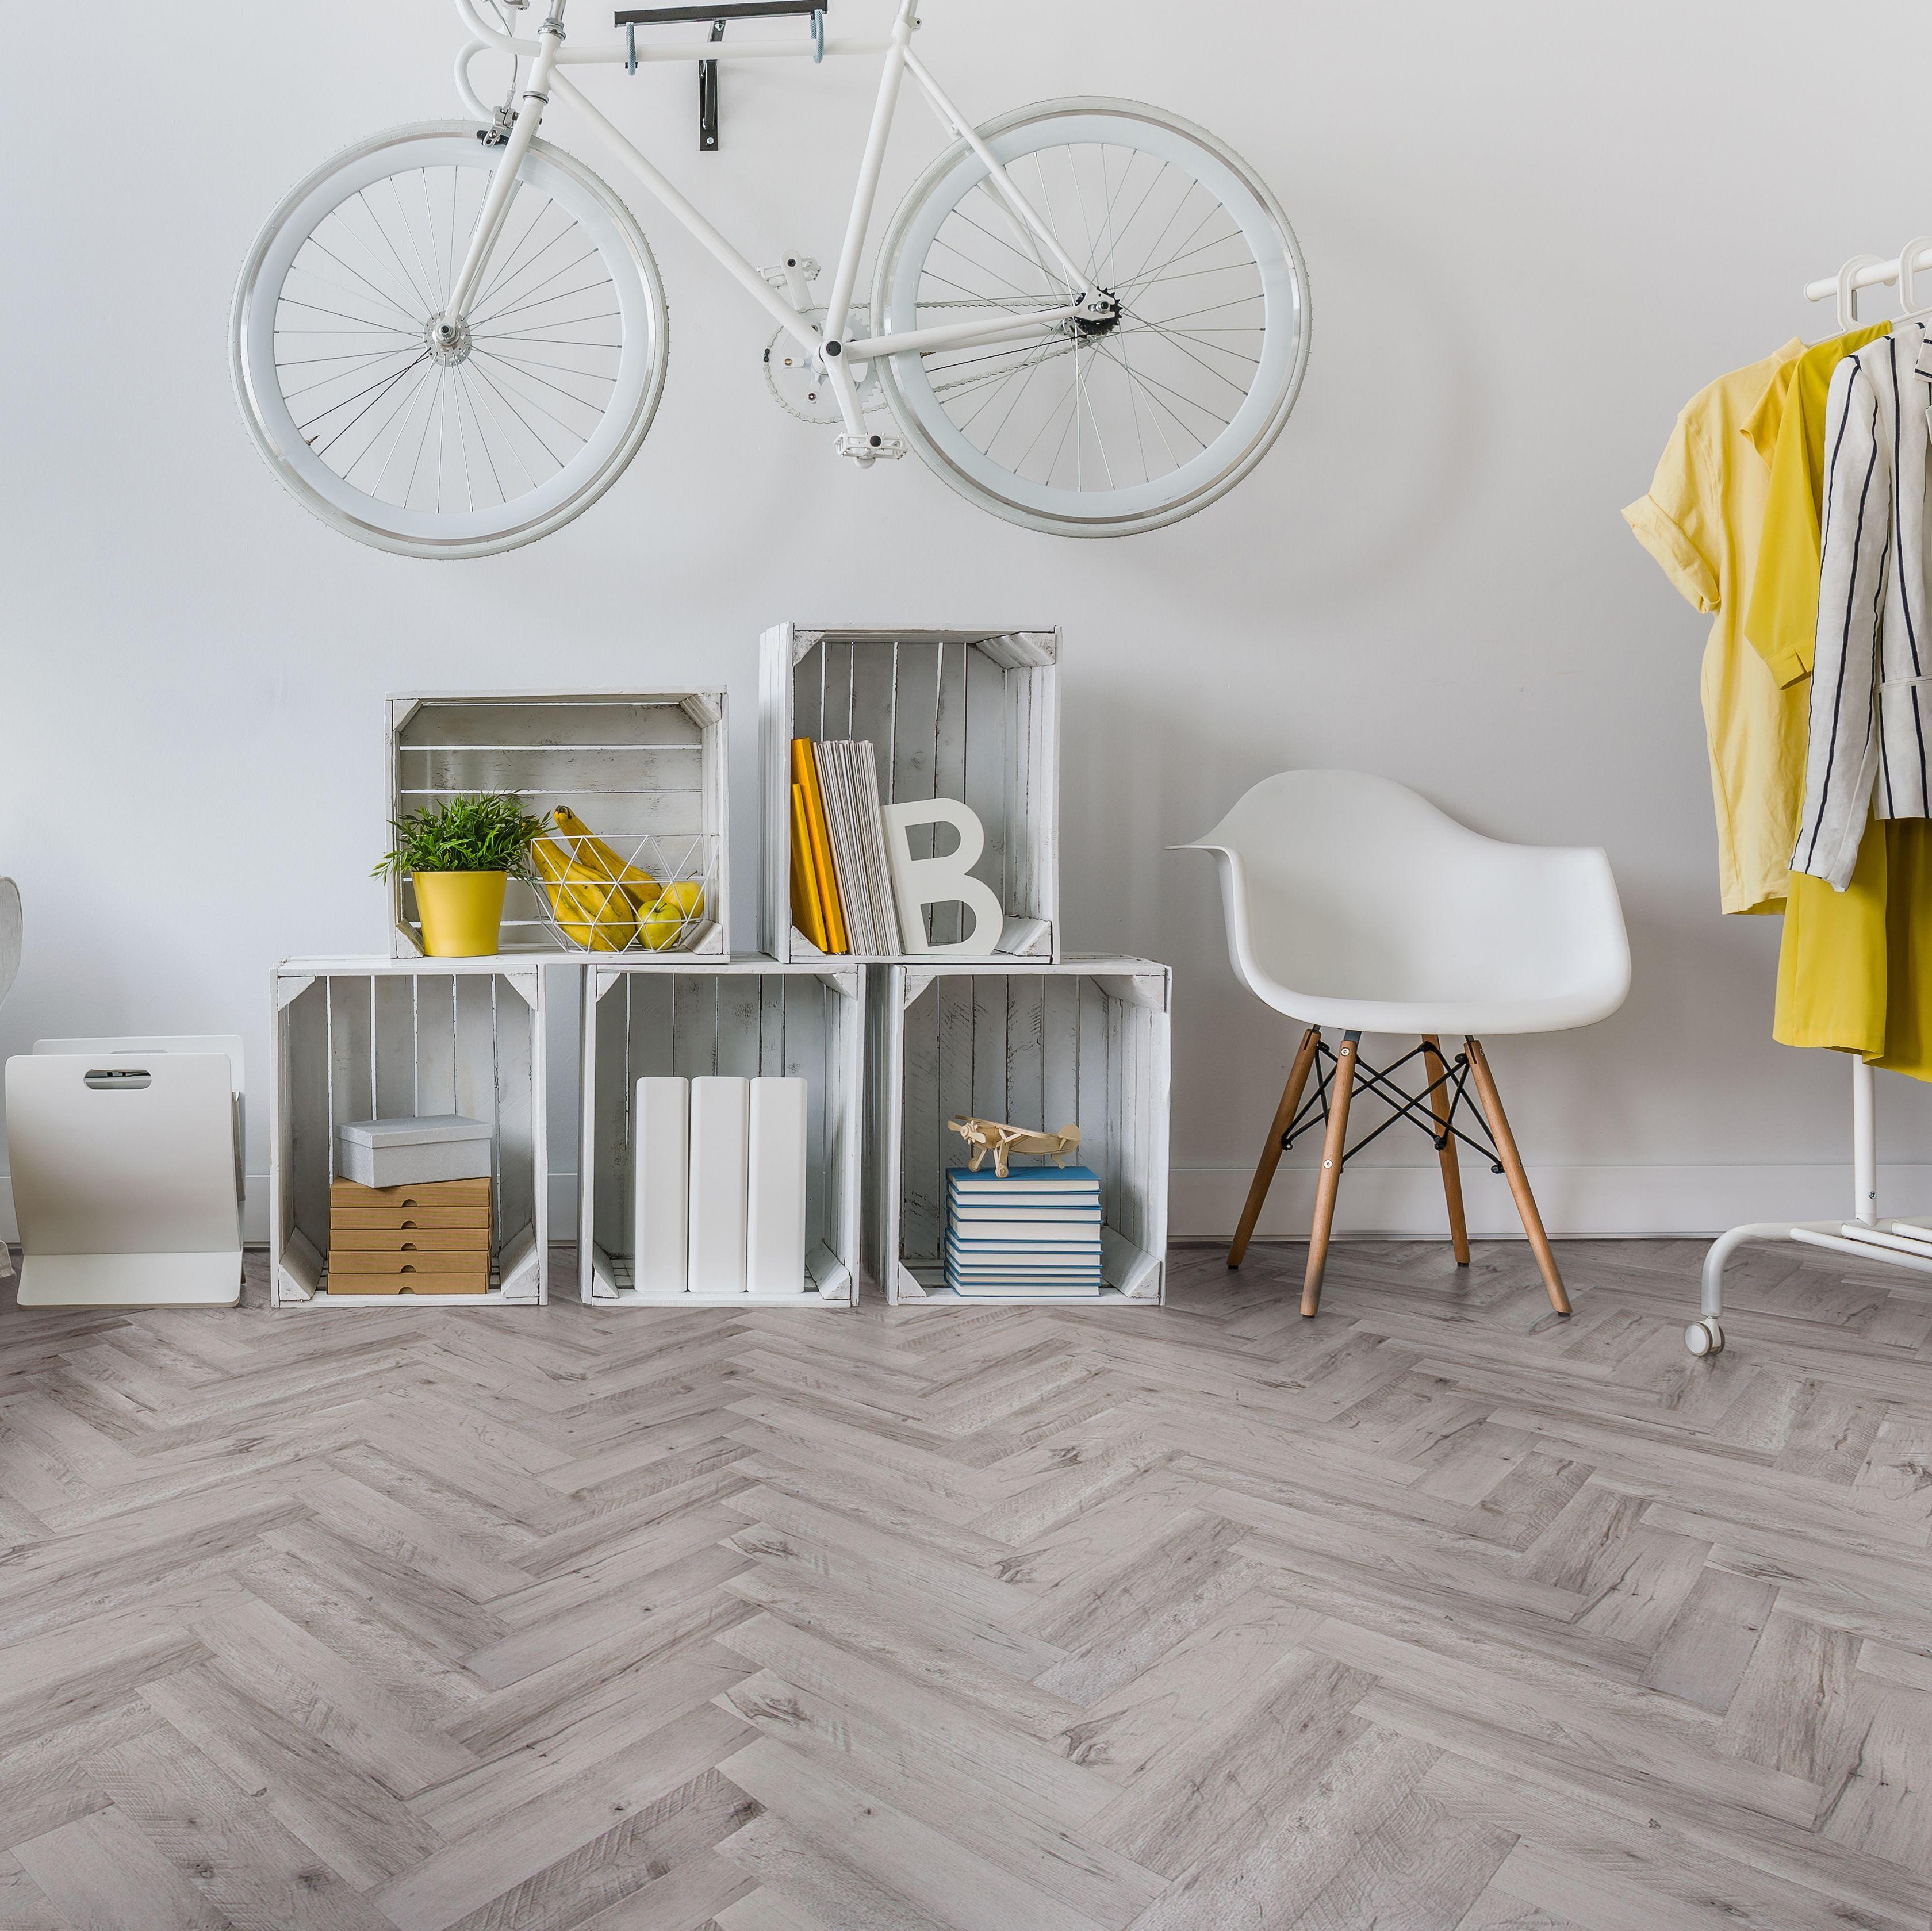 White Natural Oak Effect Waterproof Luxury Vinyl Click Flooring 1 25 Sq M Departments Diy